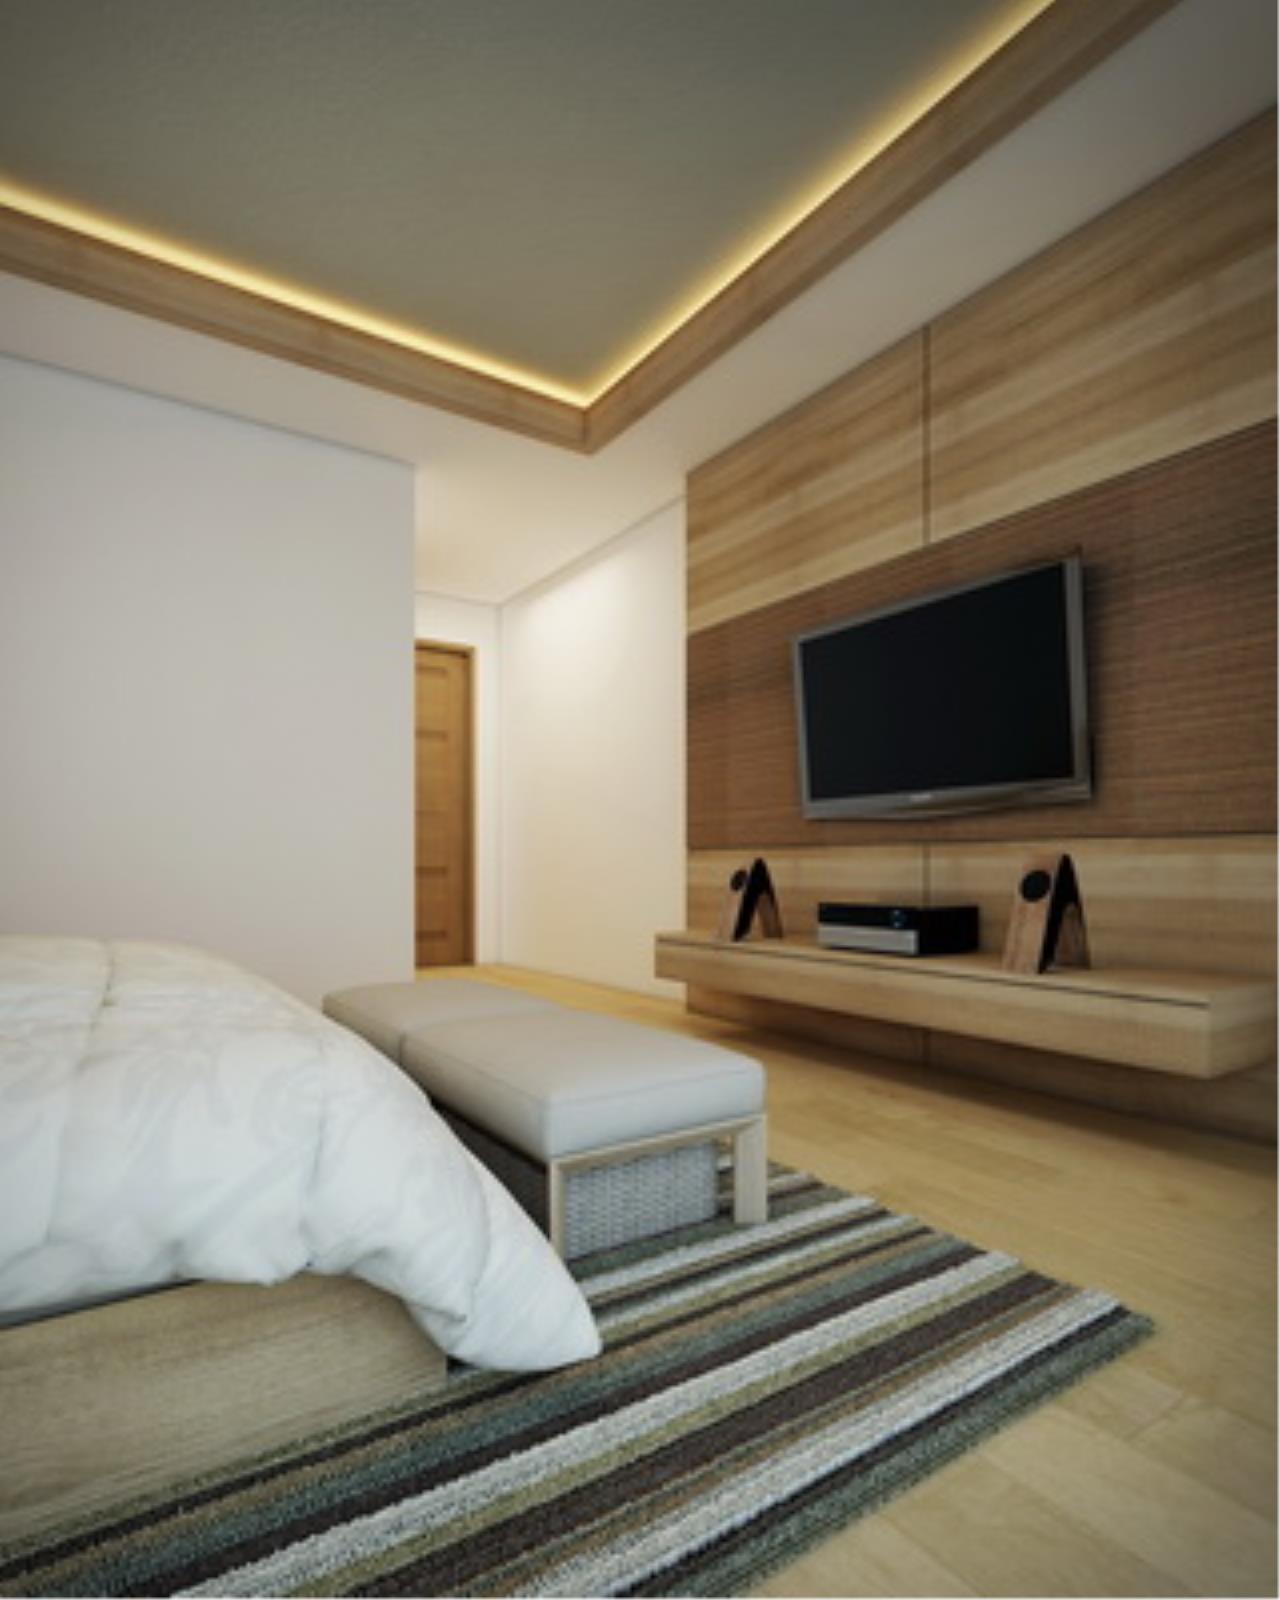 REAL Phuket  Agency's Botanica Villas (Phase III) - Contemporary 3-Bedroom Pool Villa at Layan Beach 10